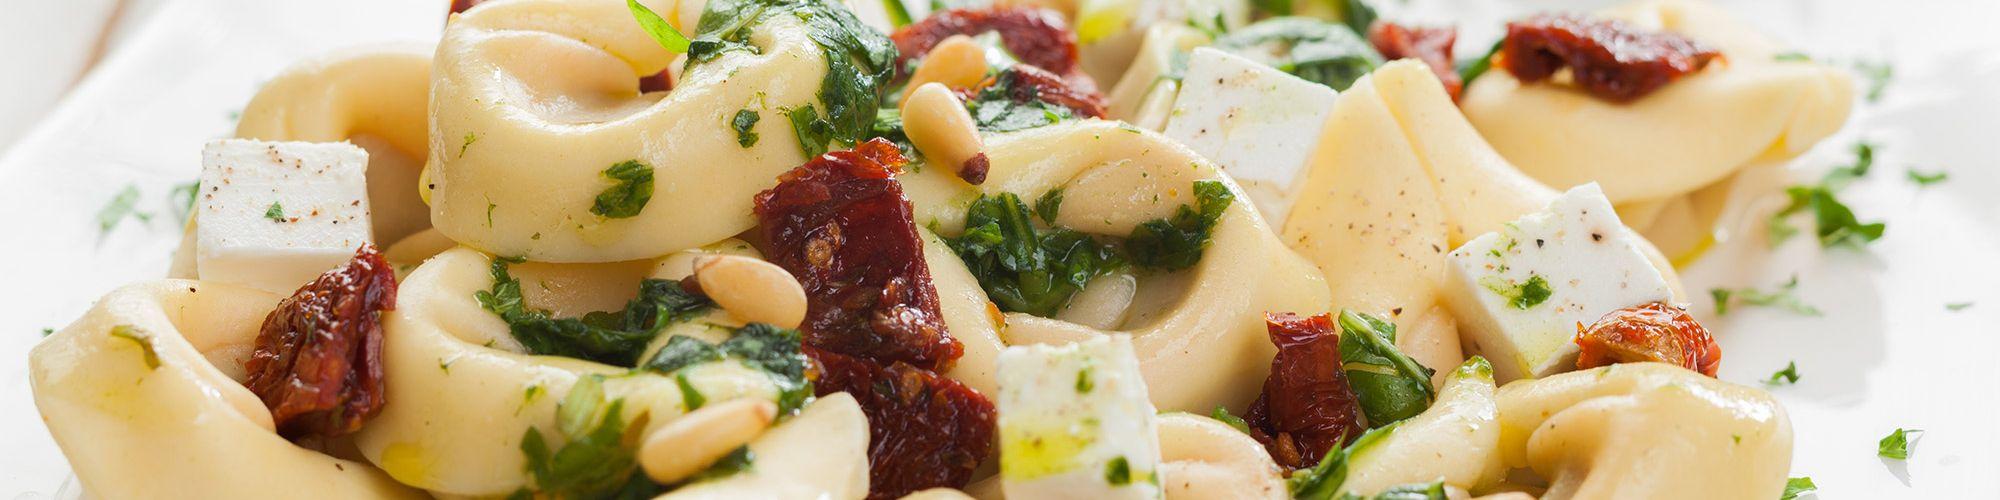 ricetta Tortelloni con feta, pinoli e pomodori secchi con pasta fresca